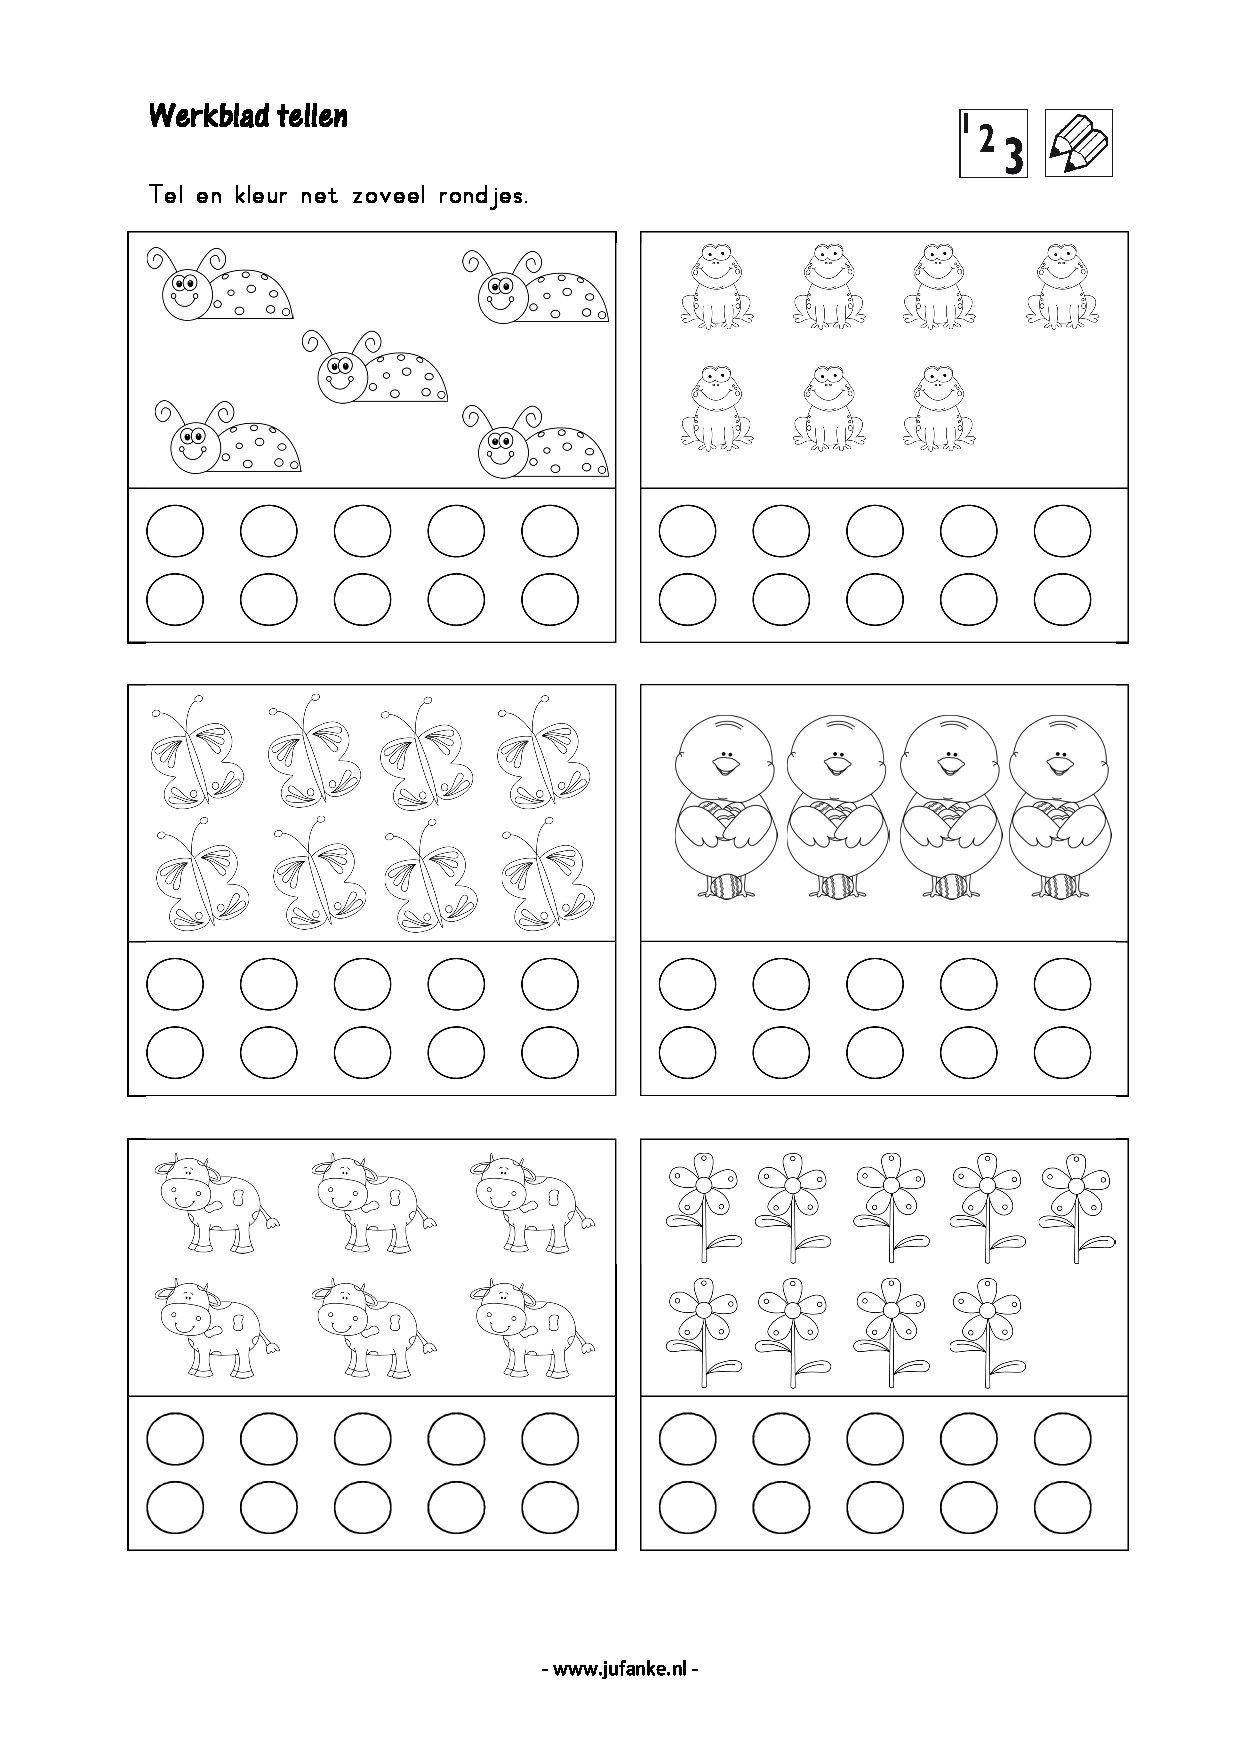 Tel En Kleur Counting Worksheets For Kindergarten Math Concepts Kids Learning Activities [ 1754 x 1240 Pixel ]